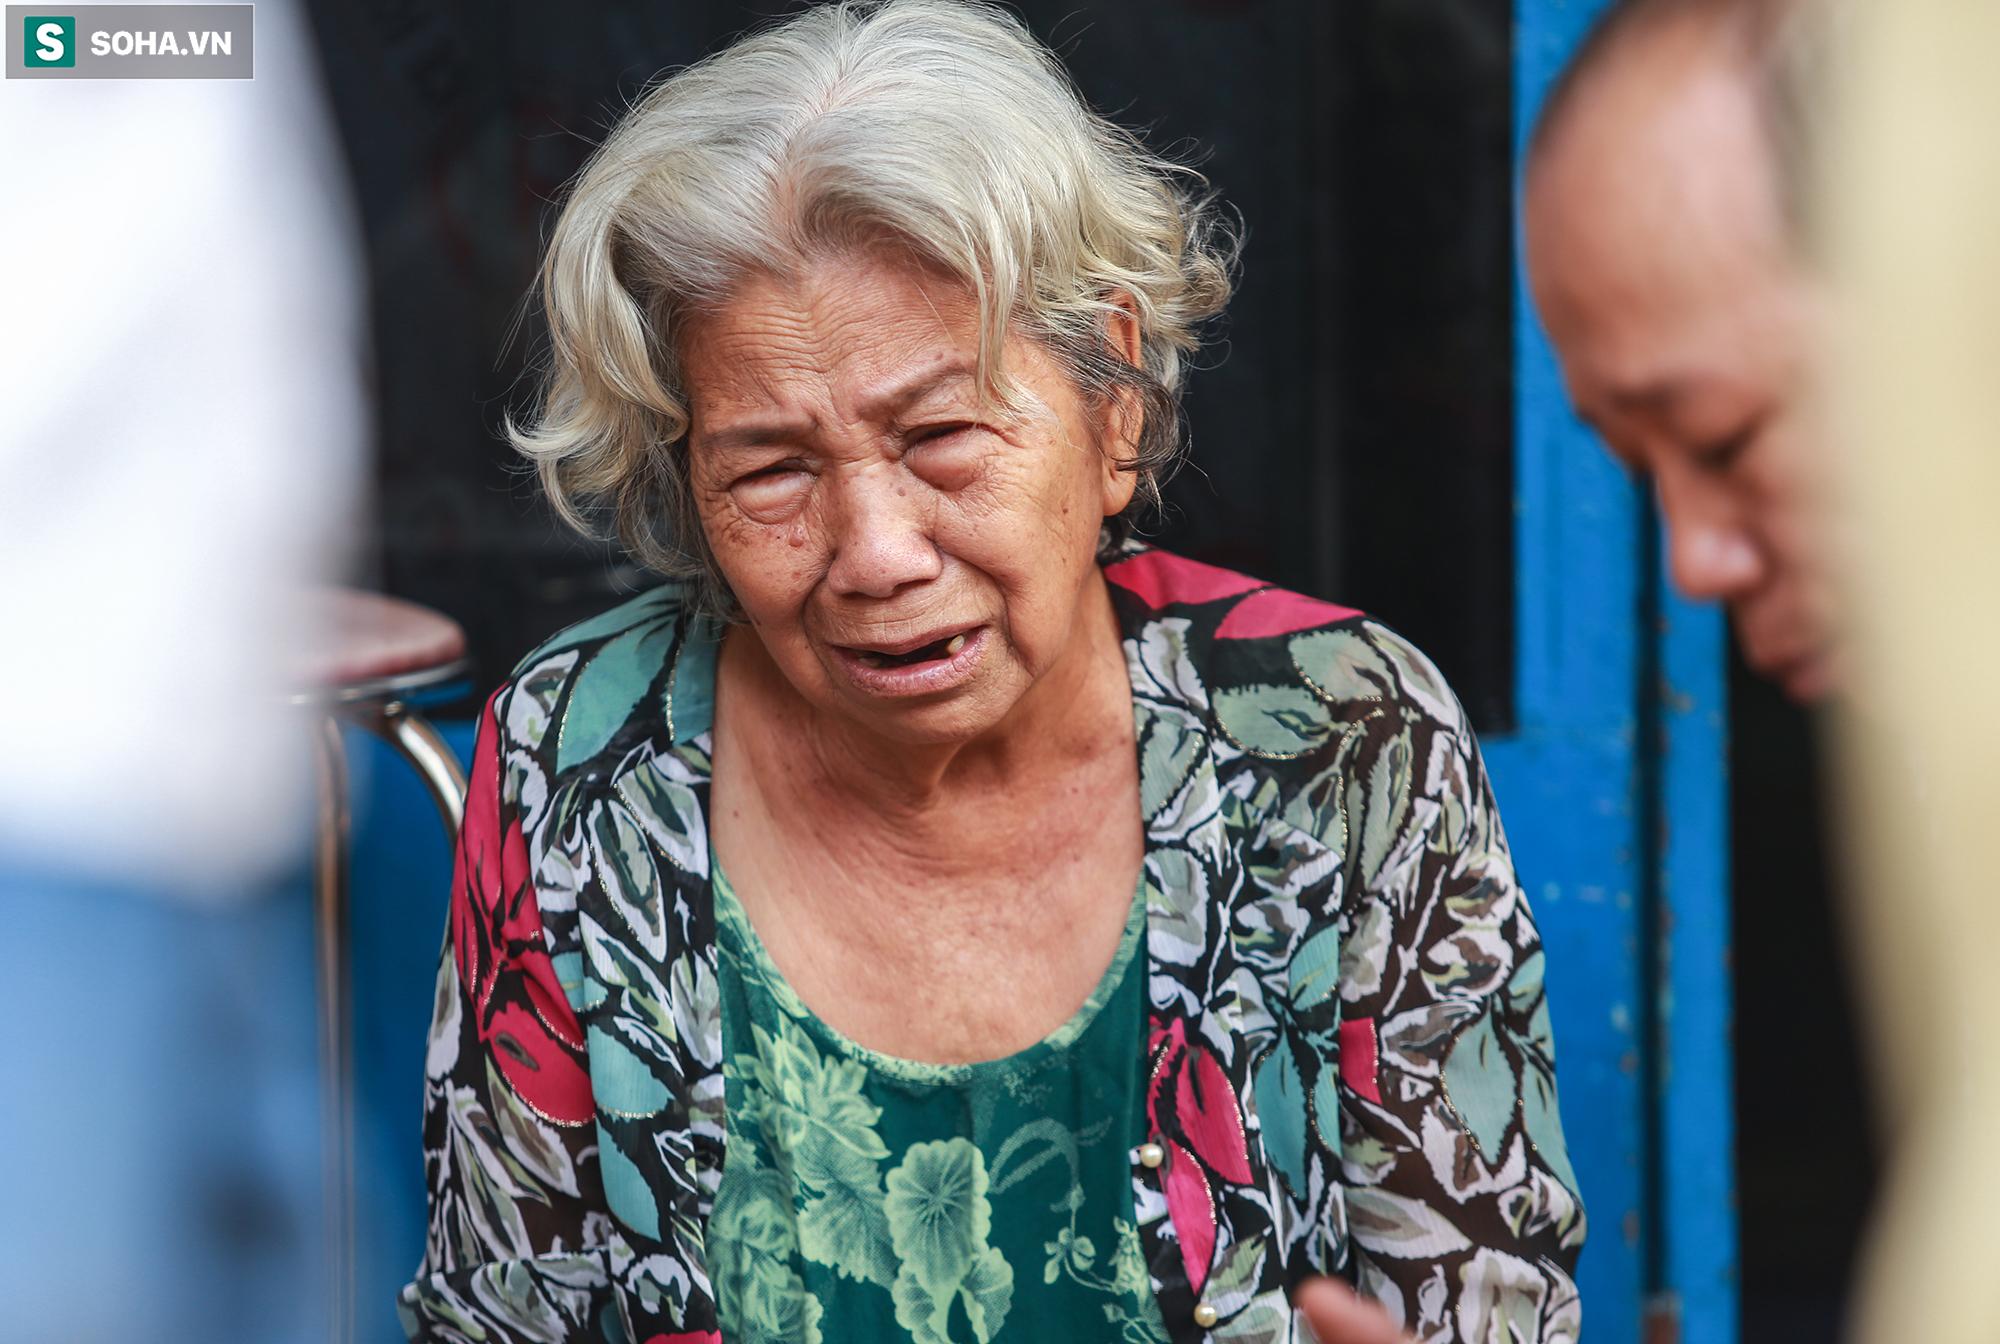 Xót xa hình ảnh còn lại sau đám cháy khiến 6 người trong một gia đình tử vong ở TP.Thủ Đức - Ảnh 6.